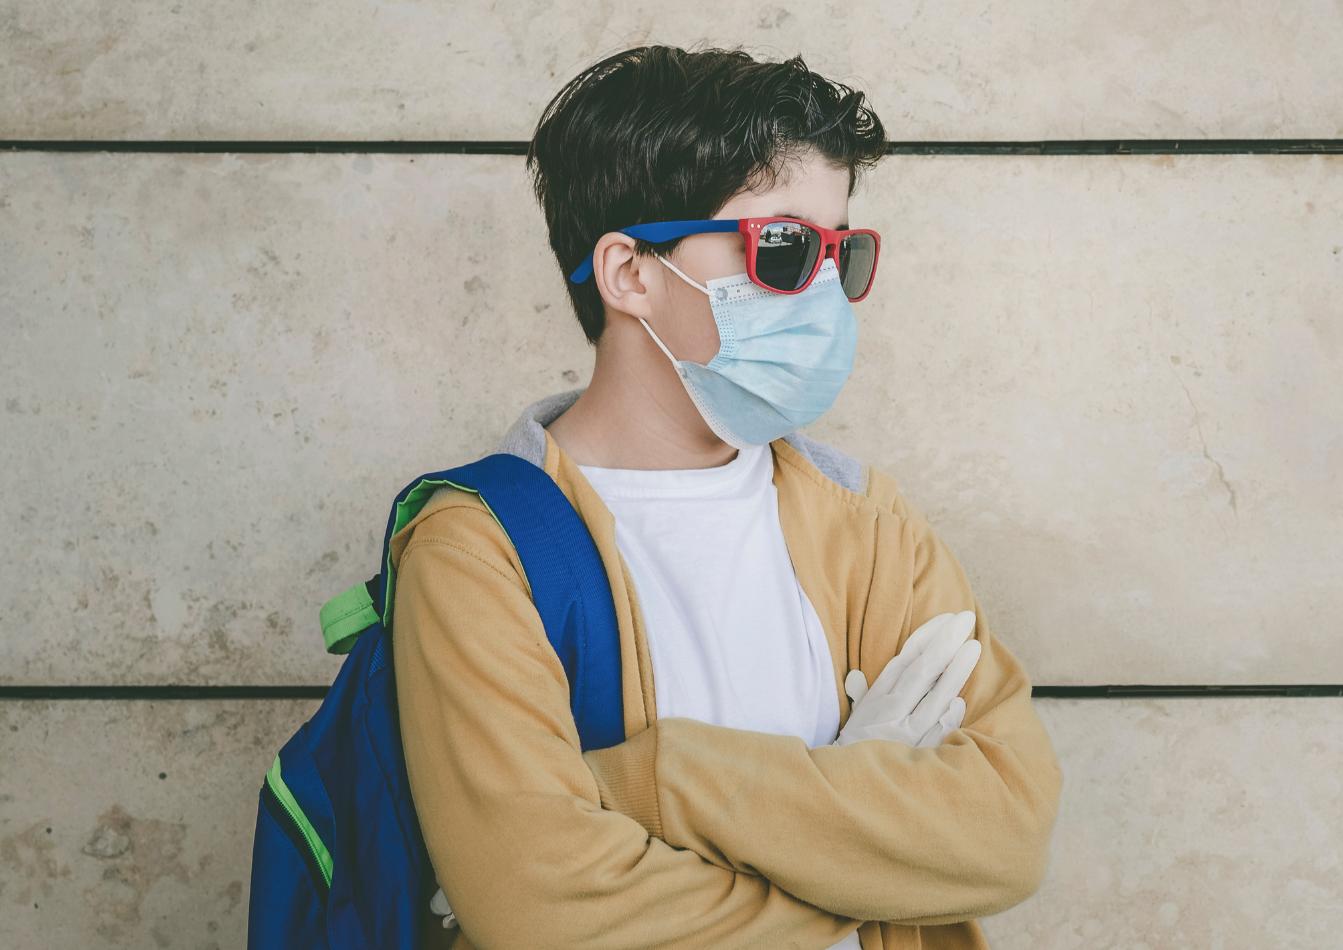 Wpływ pandemii na rozwój emocjonalny dzieci – test aktywny do 23.09 do godz. 12:00